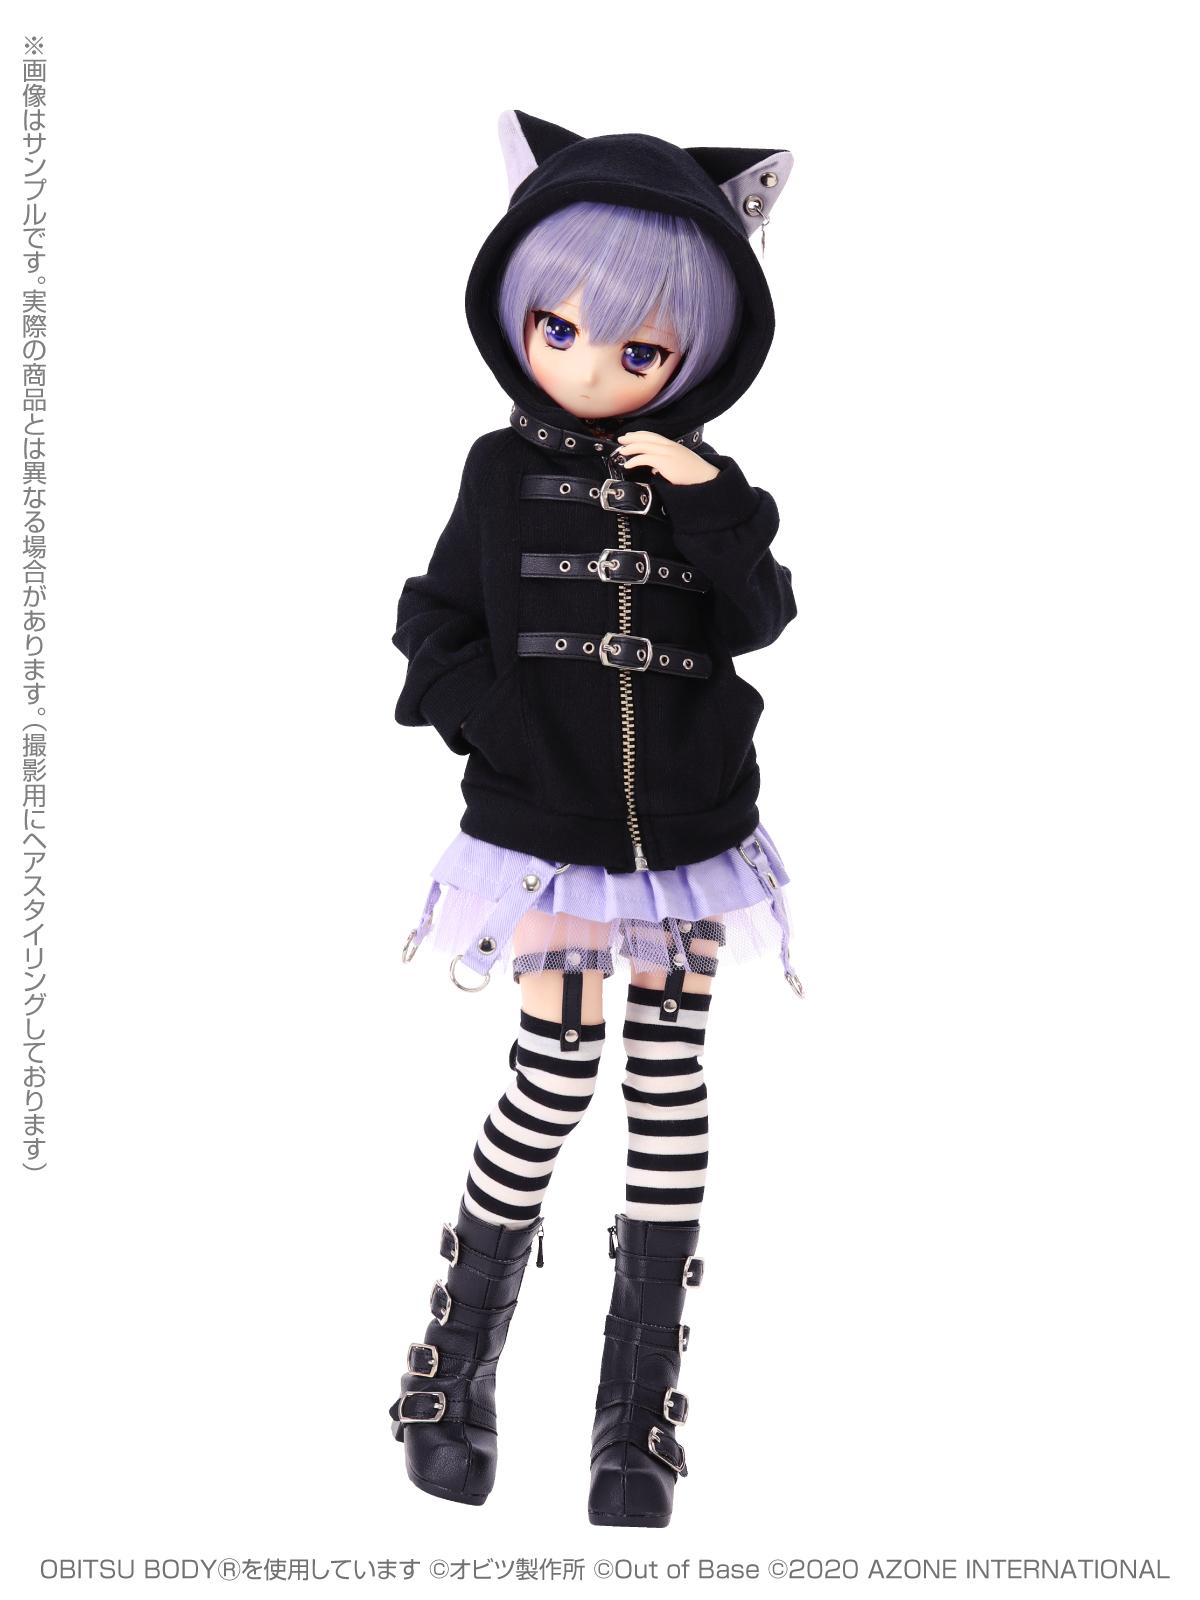 【限定販売】Iris Collect petit『すずね/Noraneko drops ver.1.1(アゾンダイレクトストア販売ver.)』1/3 完成品ドール-004